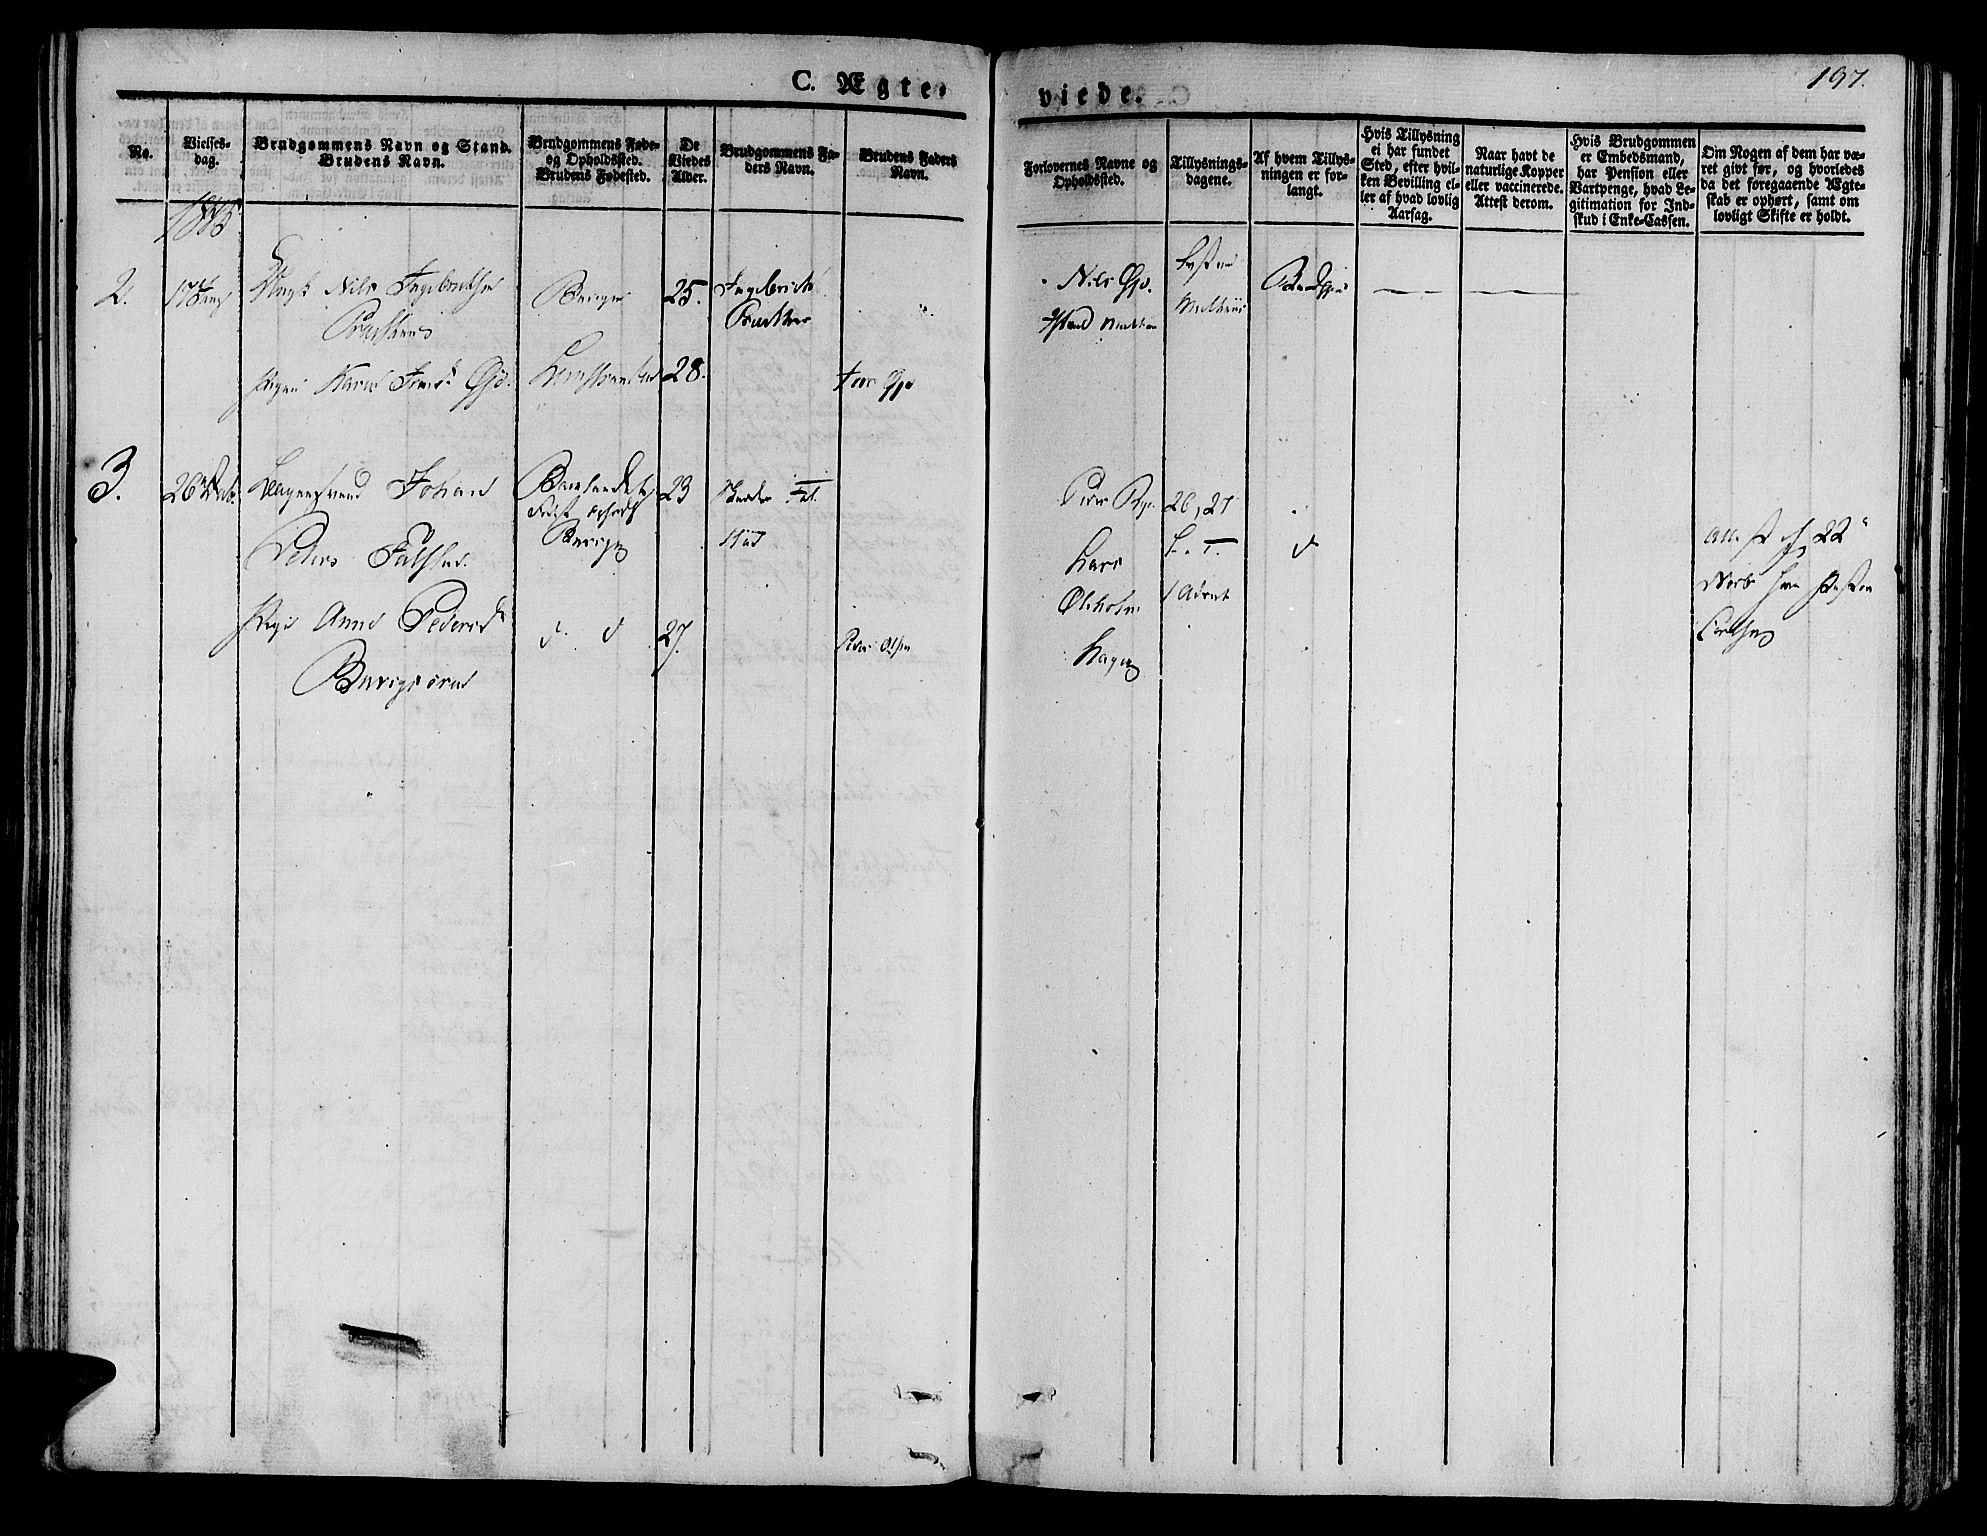 SAT, Ministerialprotokoller, klokkerbøker og fødselsregistre - Sør-Trøndelag, 612/L0375: Ministerialbok nr. 612A07 /2, 1829-1845, s. 197